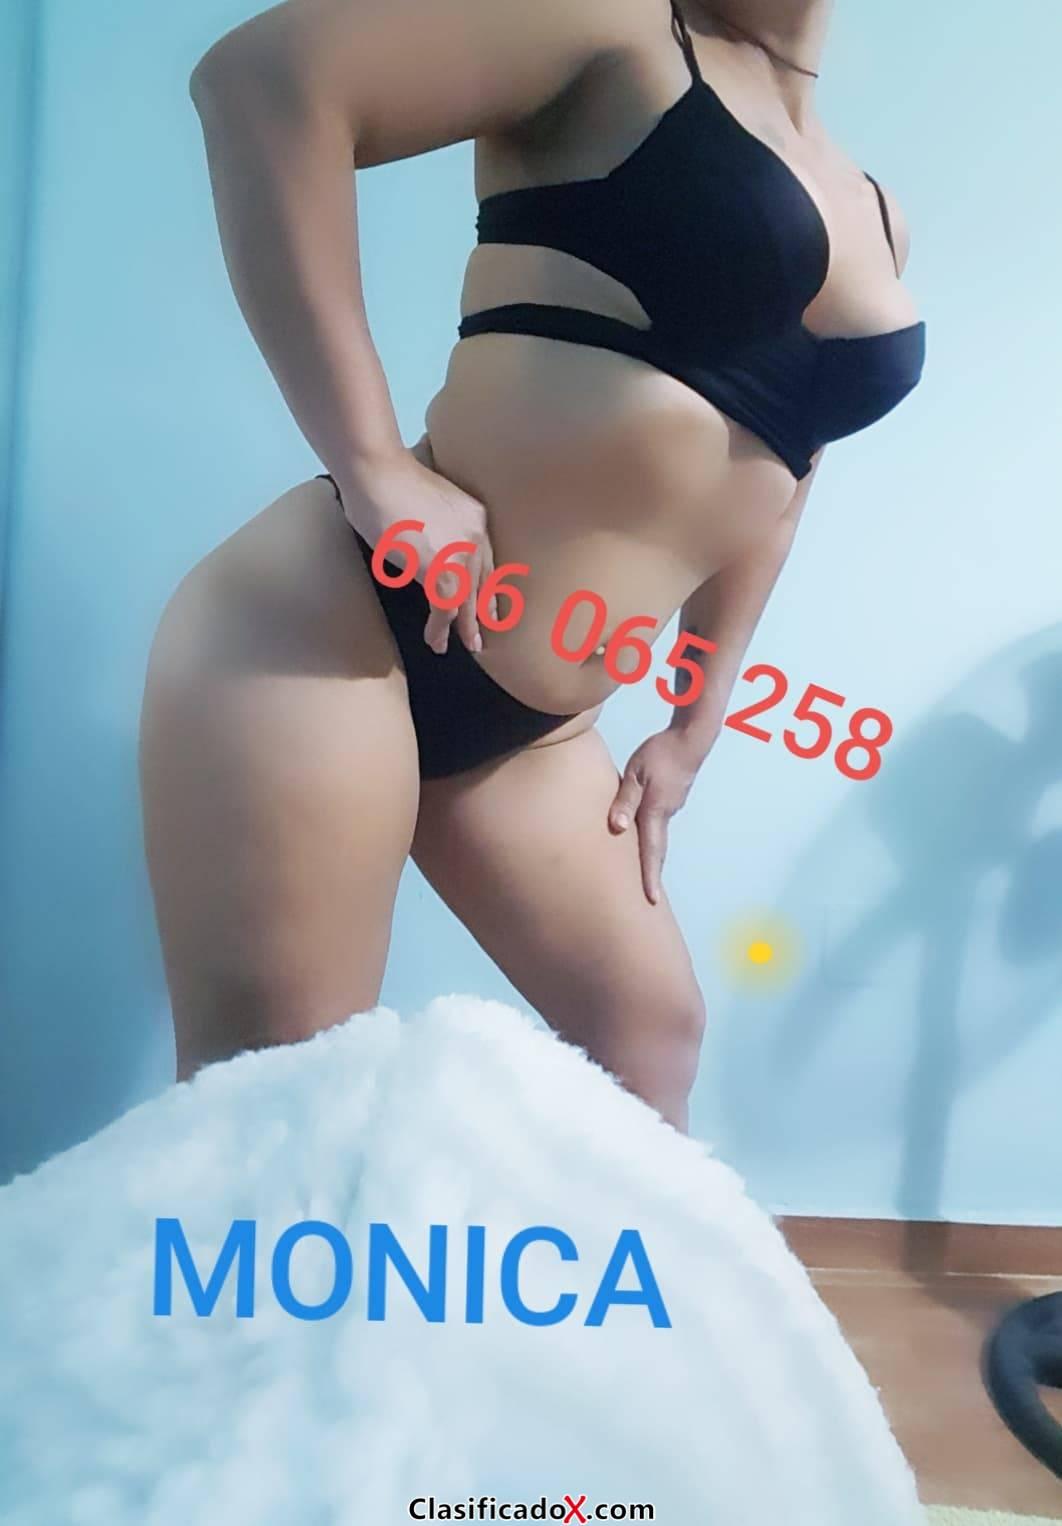 ven a gozar conmigo ...666065258 servicios a partir de 20 euros